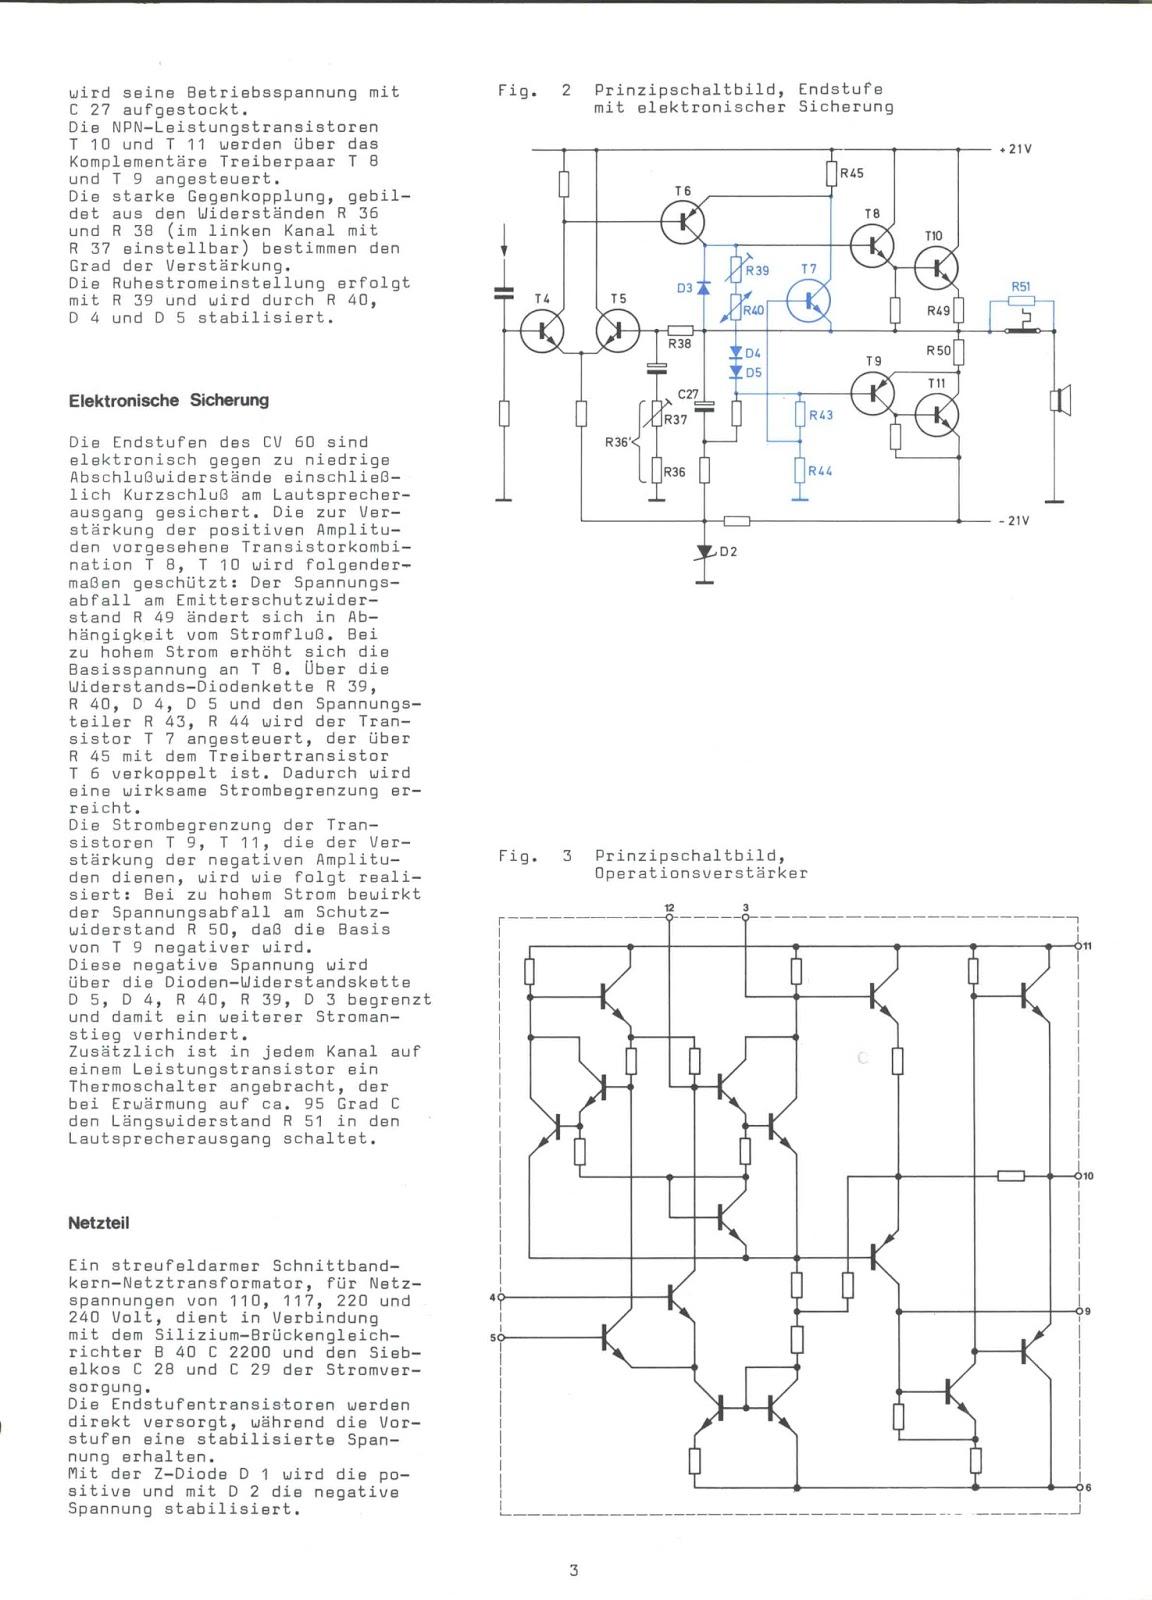 Infrequent Sound [sex.tex] technology: Dual CV 60, 1972